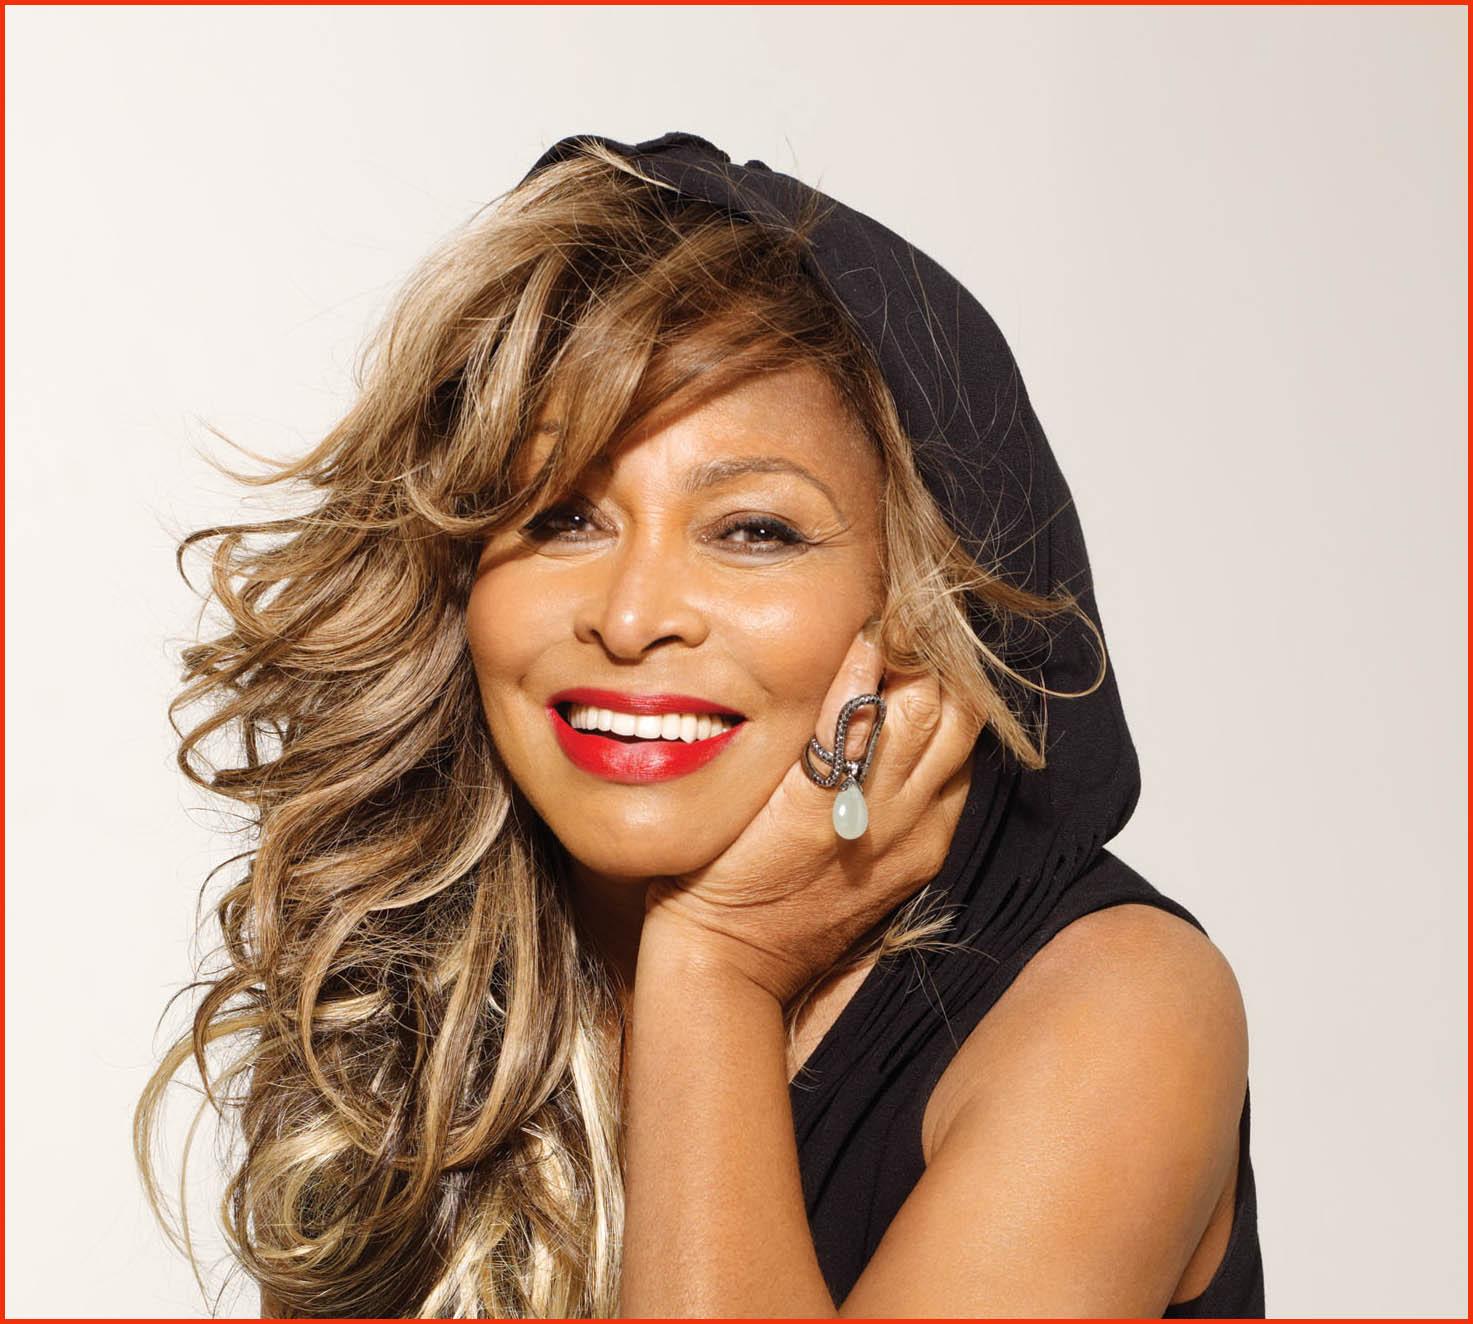 http://3.bp.blogspot.com/_qyyTi4uw4yM/TOU54deaJtI/AAAAAAAAASU/aTbLSFO3Z1o/s1600/Tina_Turner_2008_3.jpg